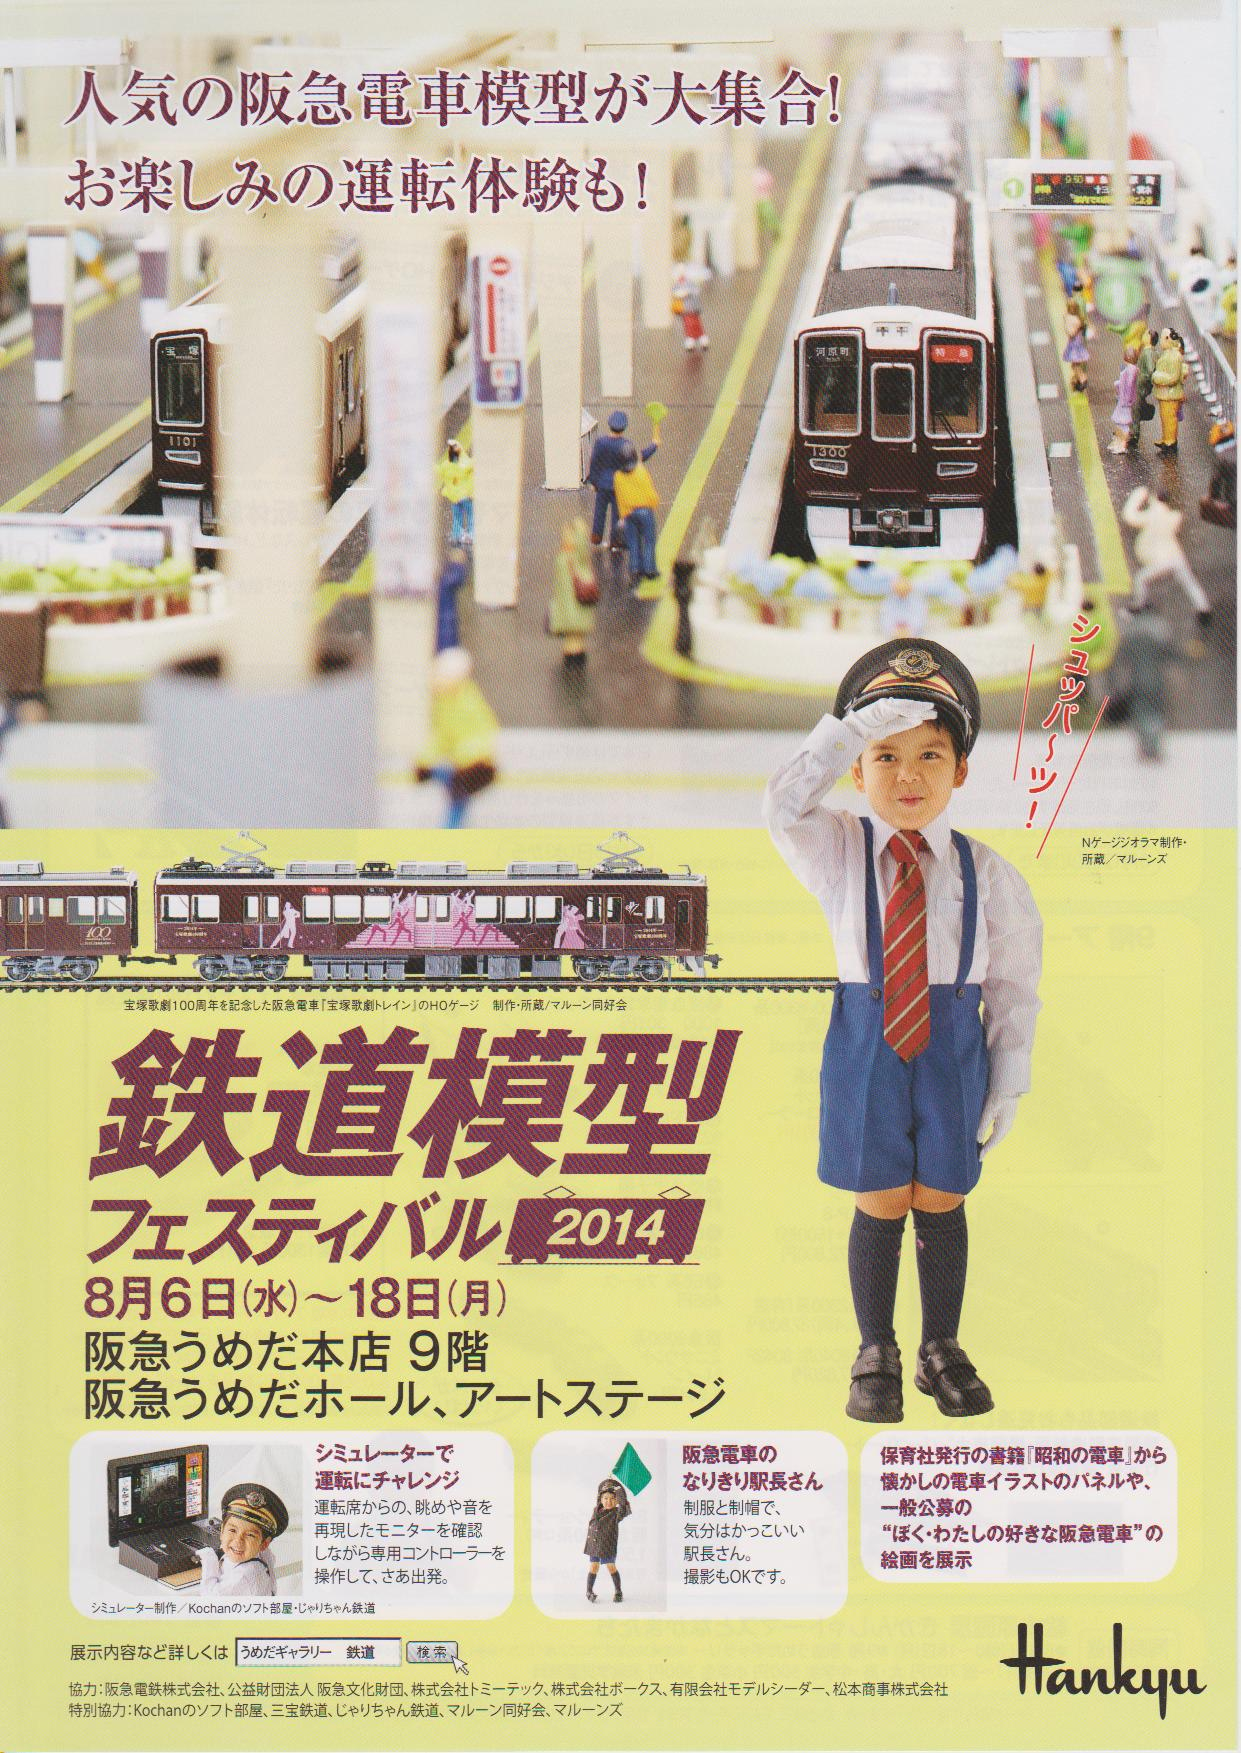 2014年阪急鉄道模型フェスティバルご案内_a0066027_13425027.jpg